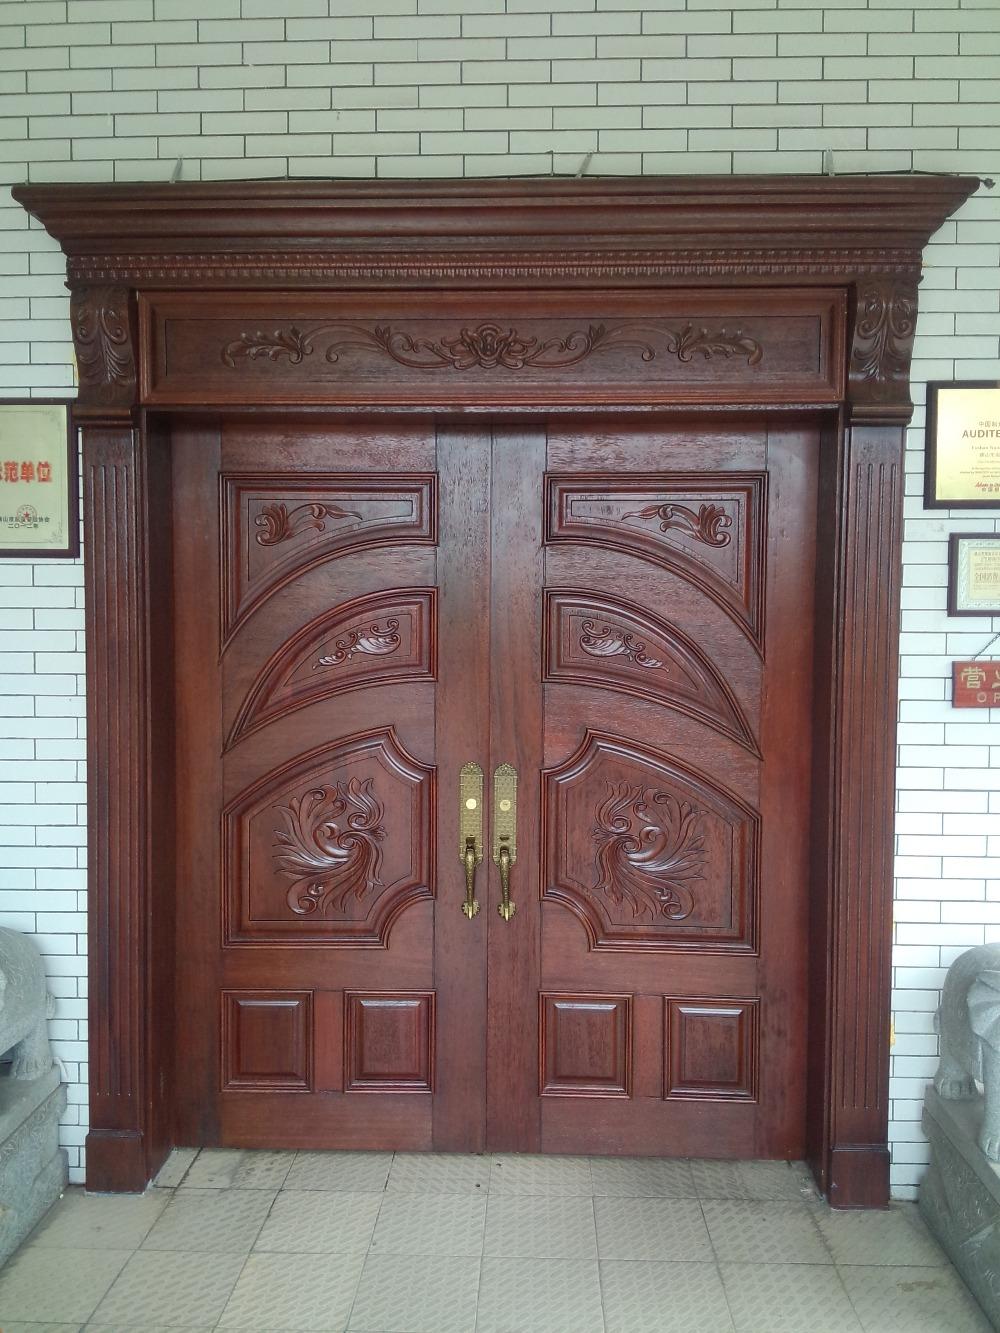 Moyen orient dernier mod le chinois usine en bois massif - Porte principale maison ...